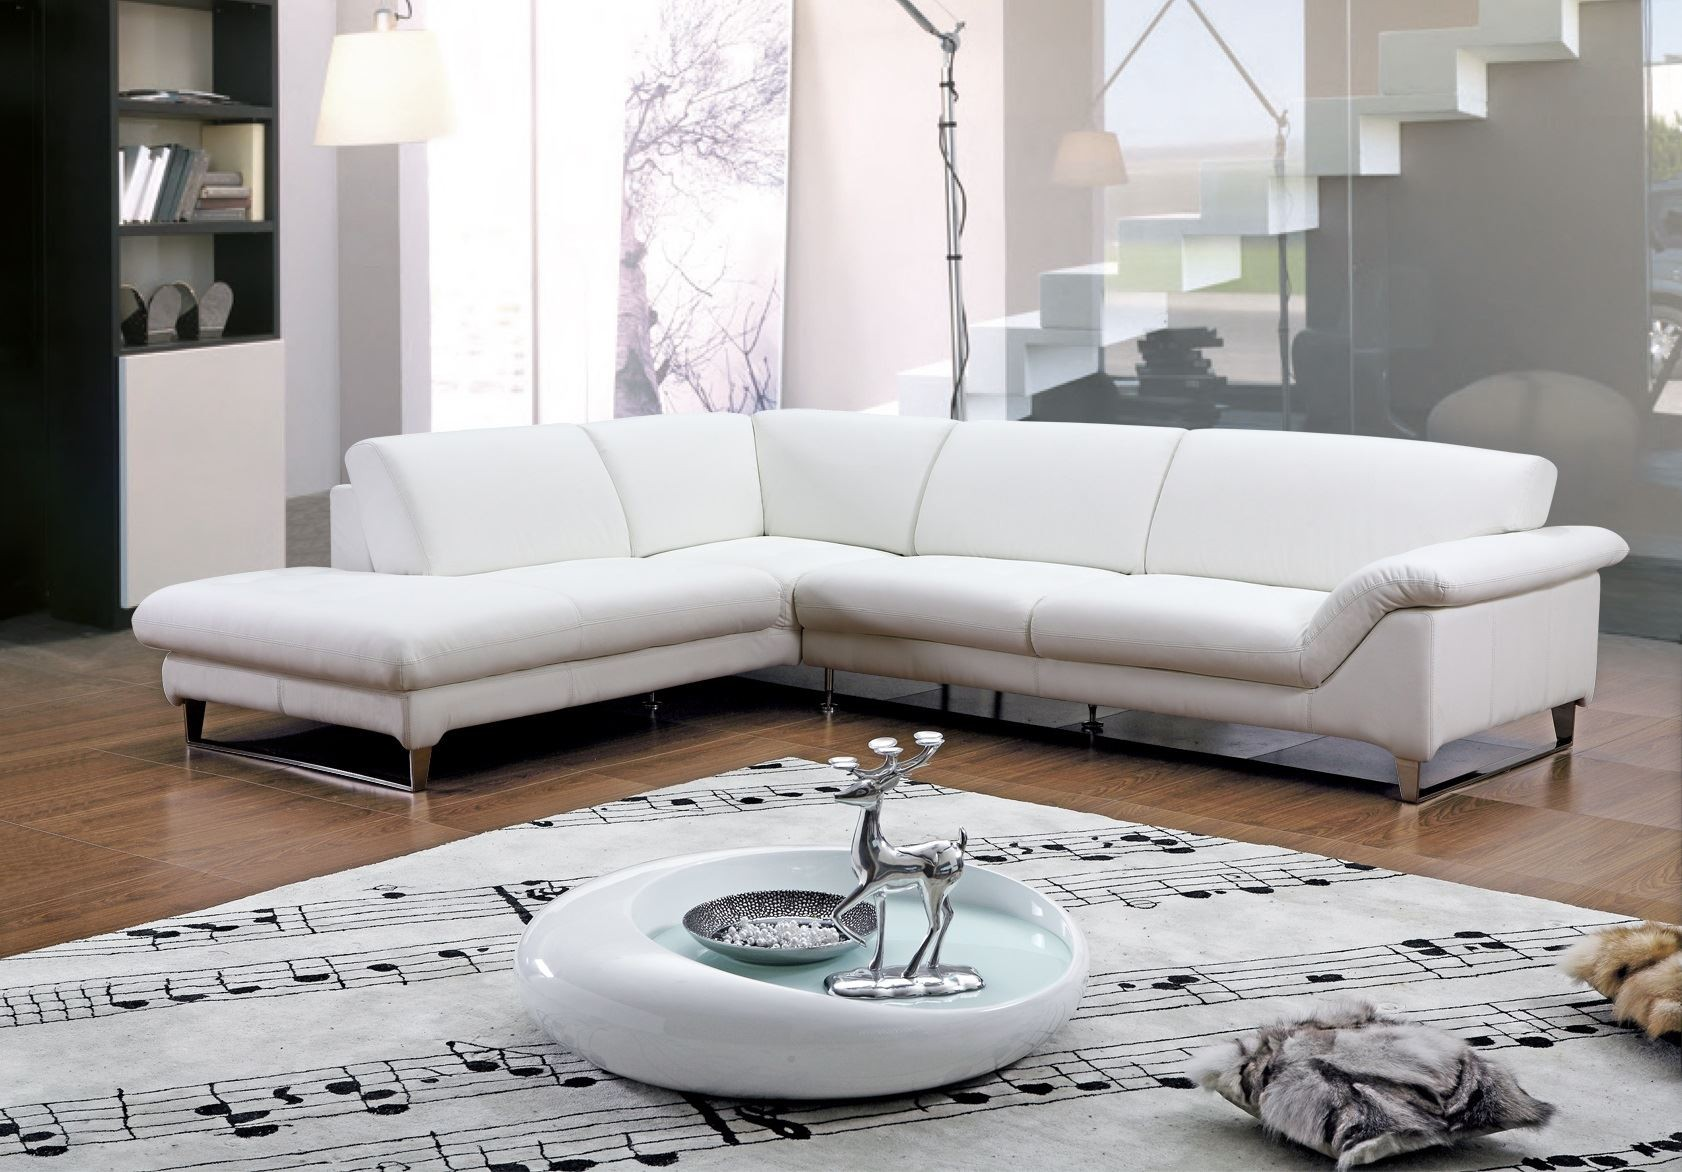 Замечательный мягкий угловой диван в интерьере